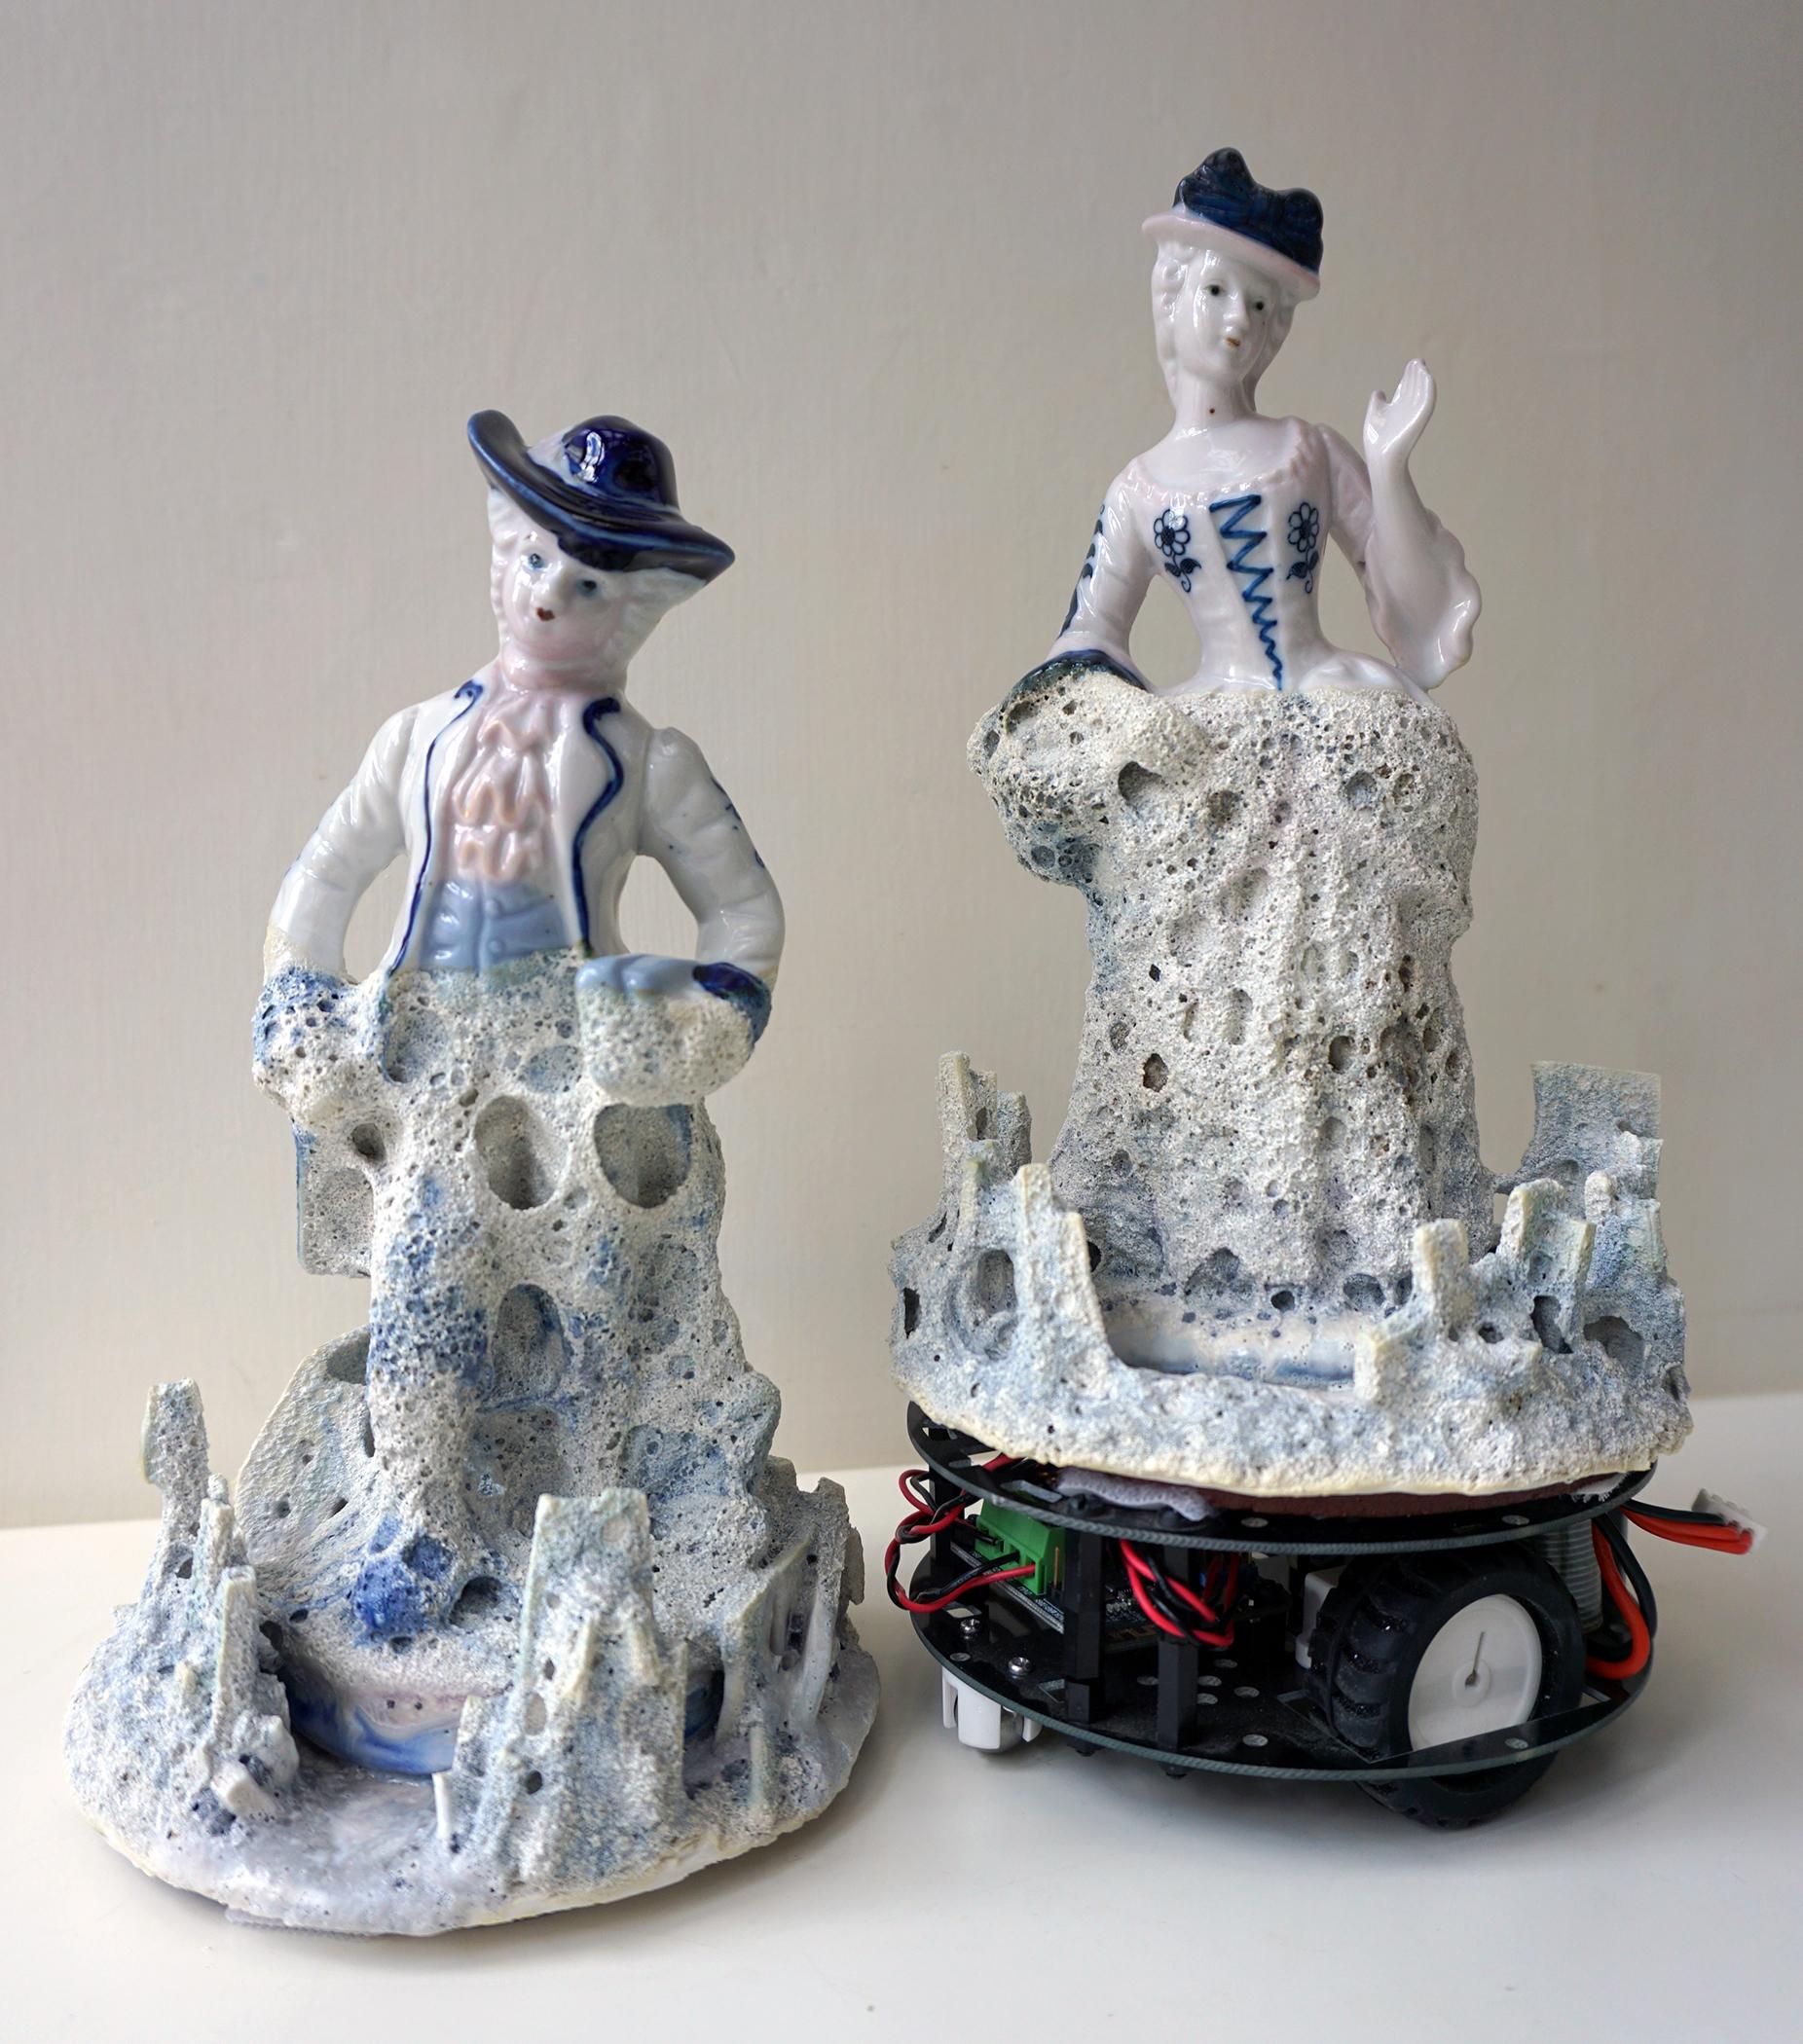 Arduino Ceramics